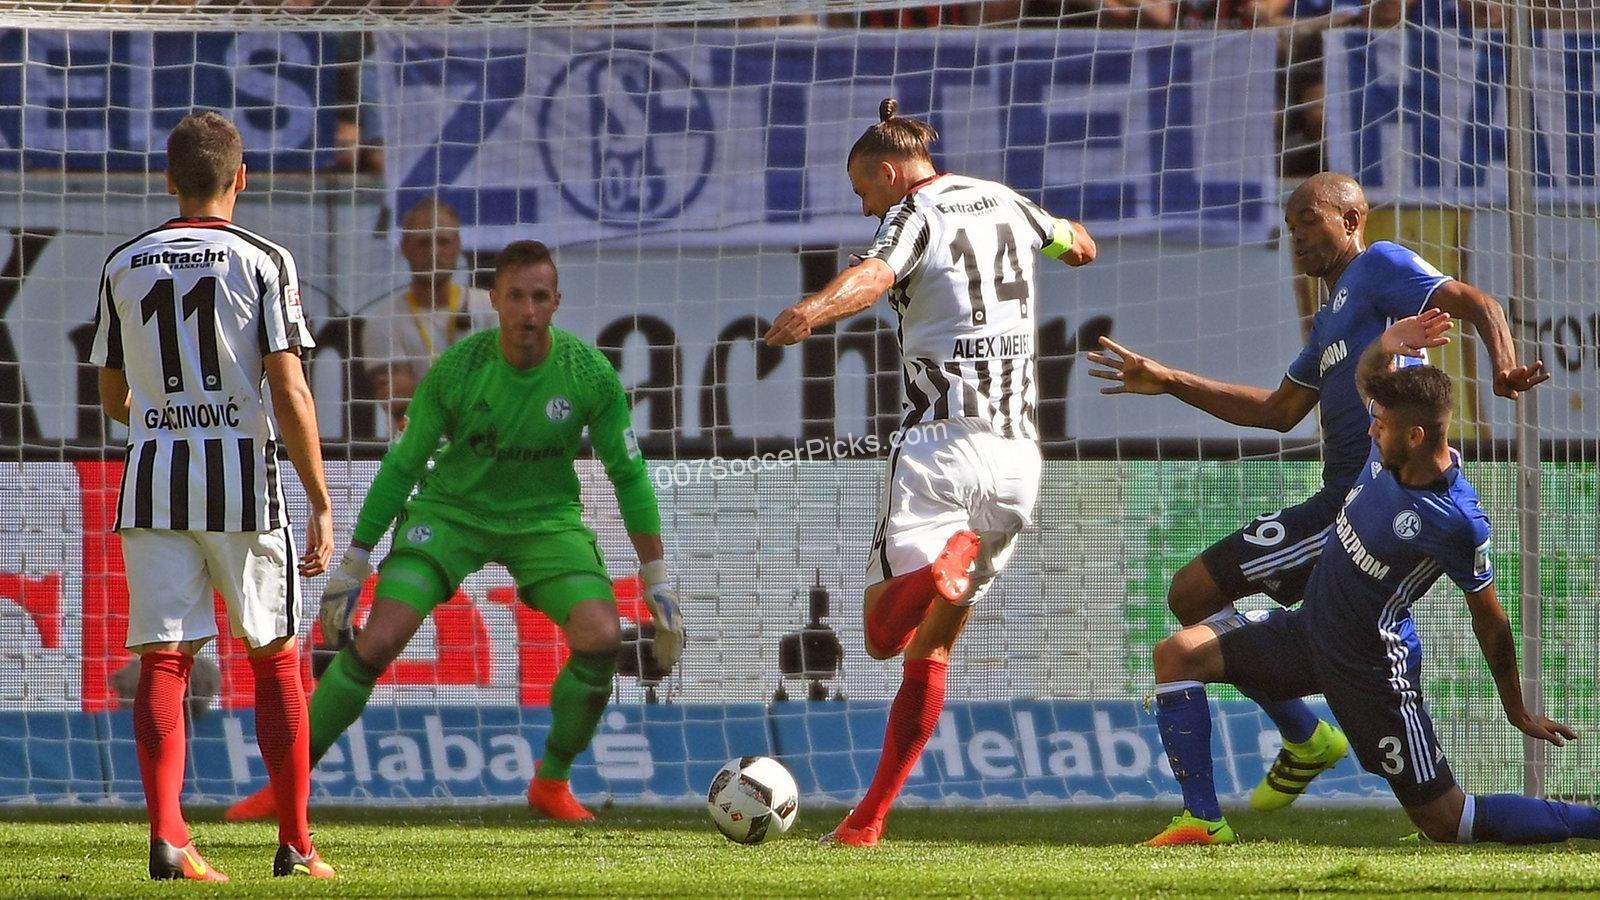 Schalke-Eintracht-Frankfurt-preview